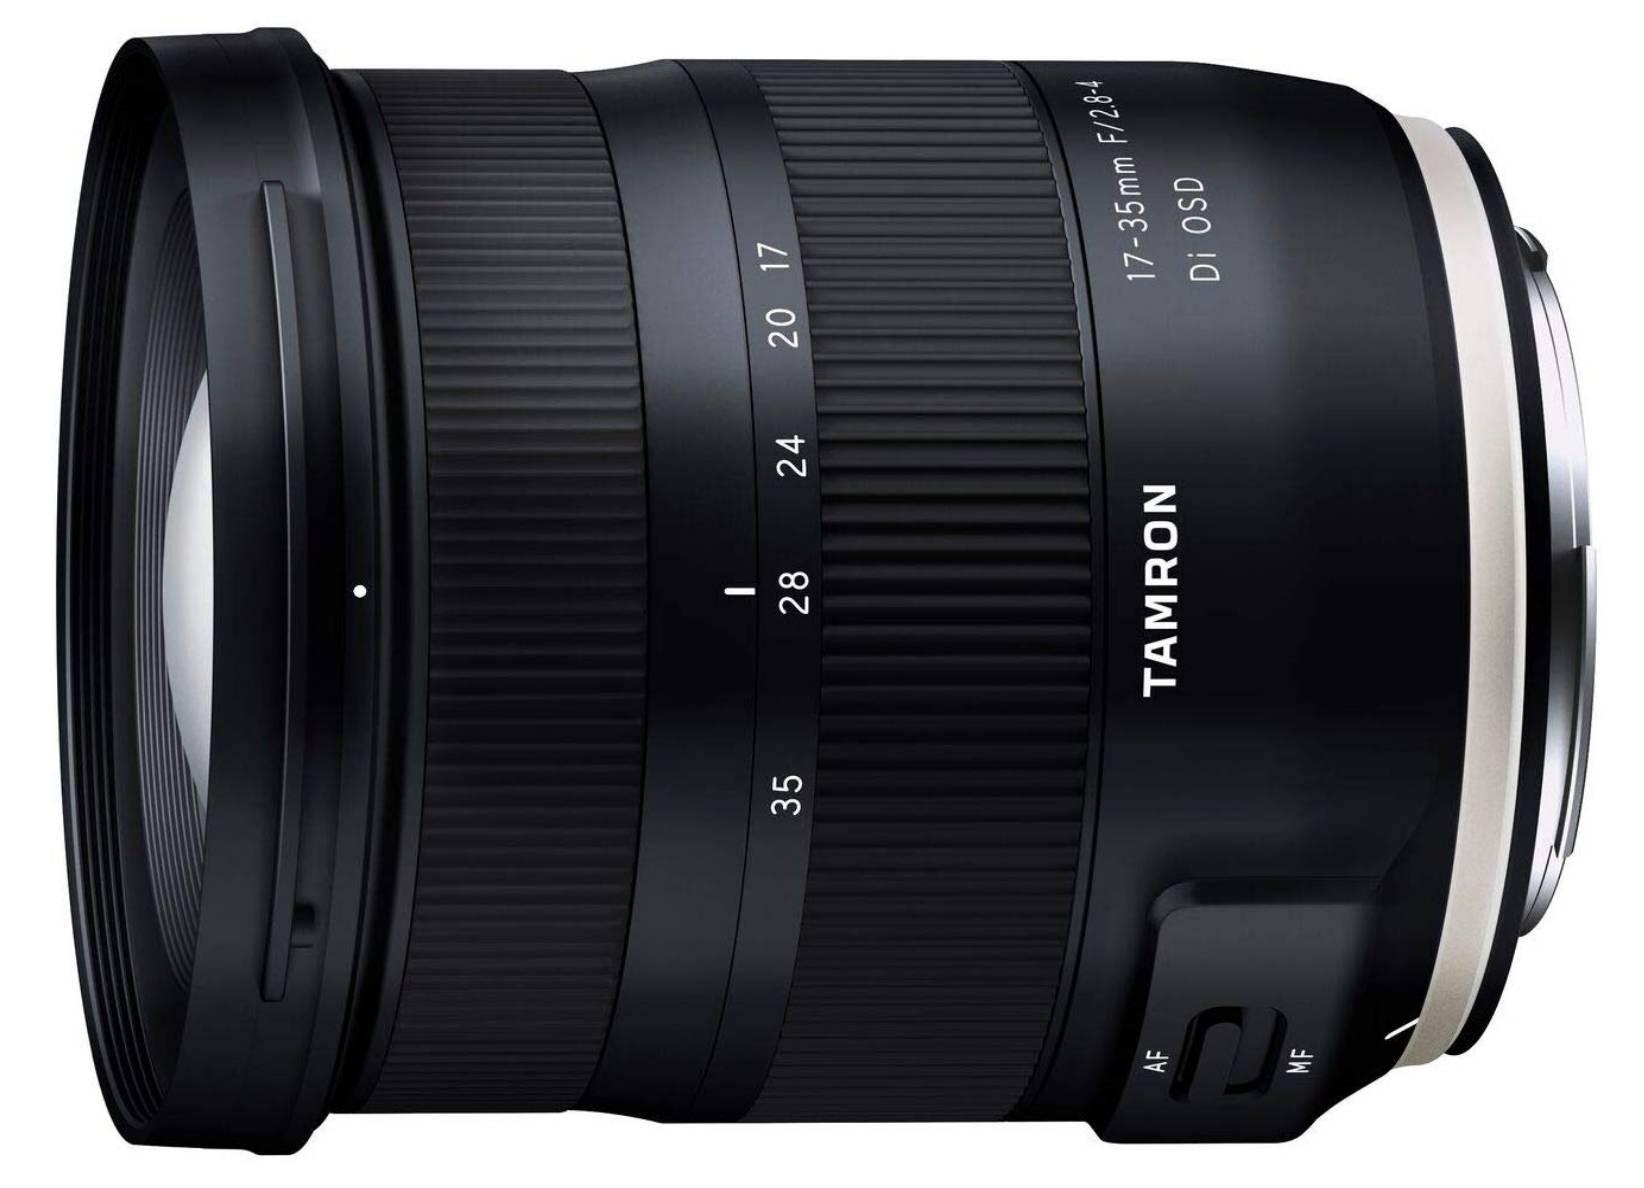 Tamron 17-35mm f2,8-4 Di OSD